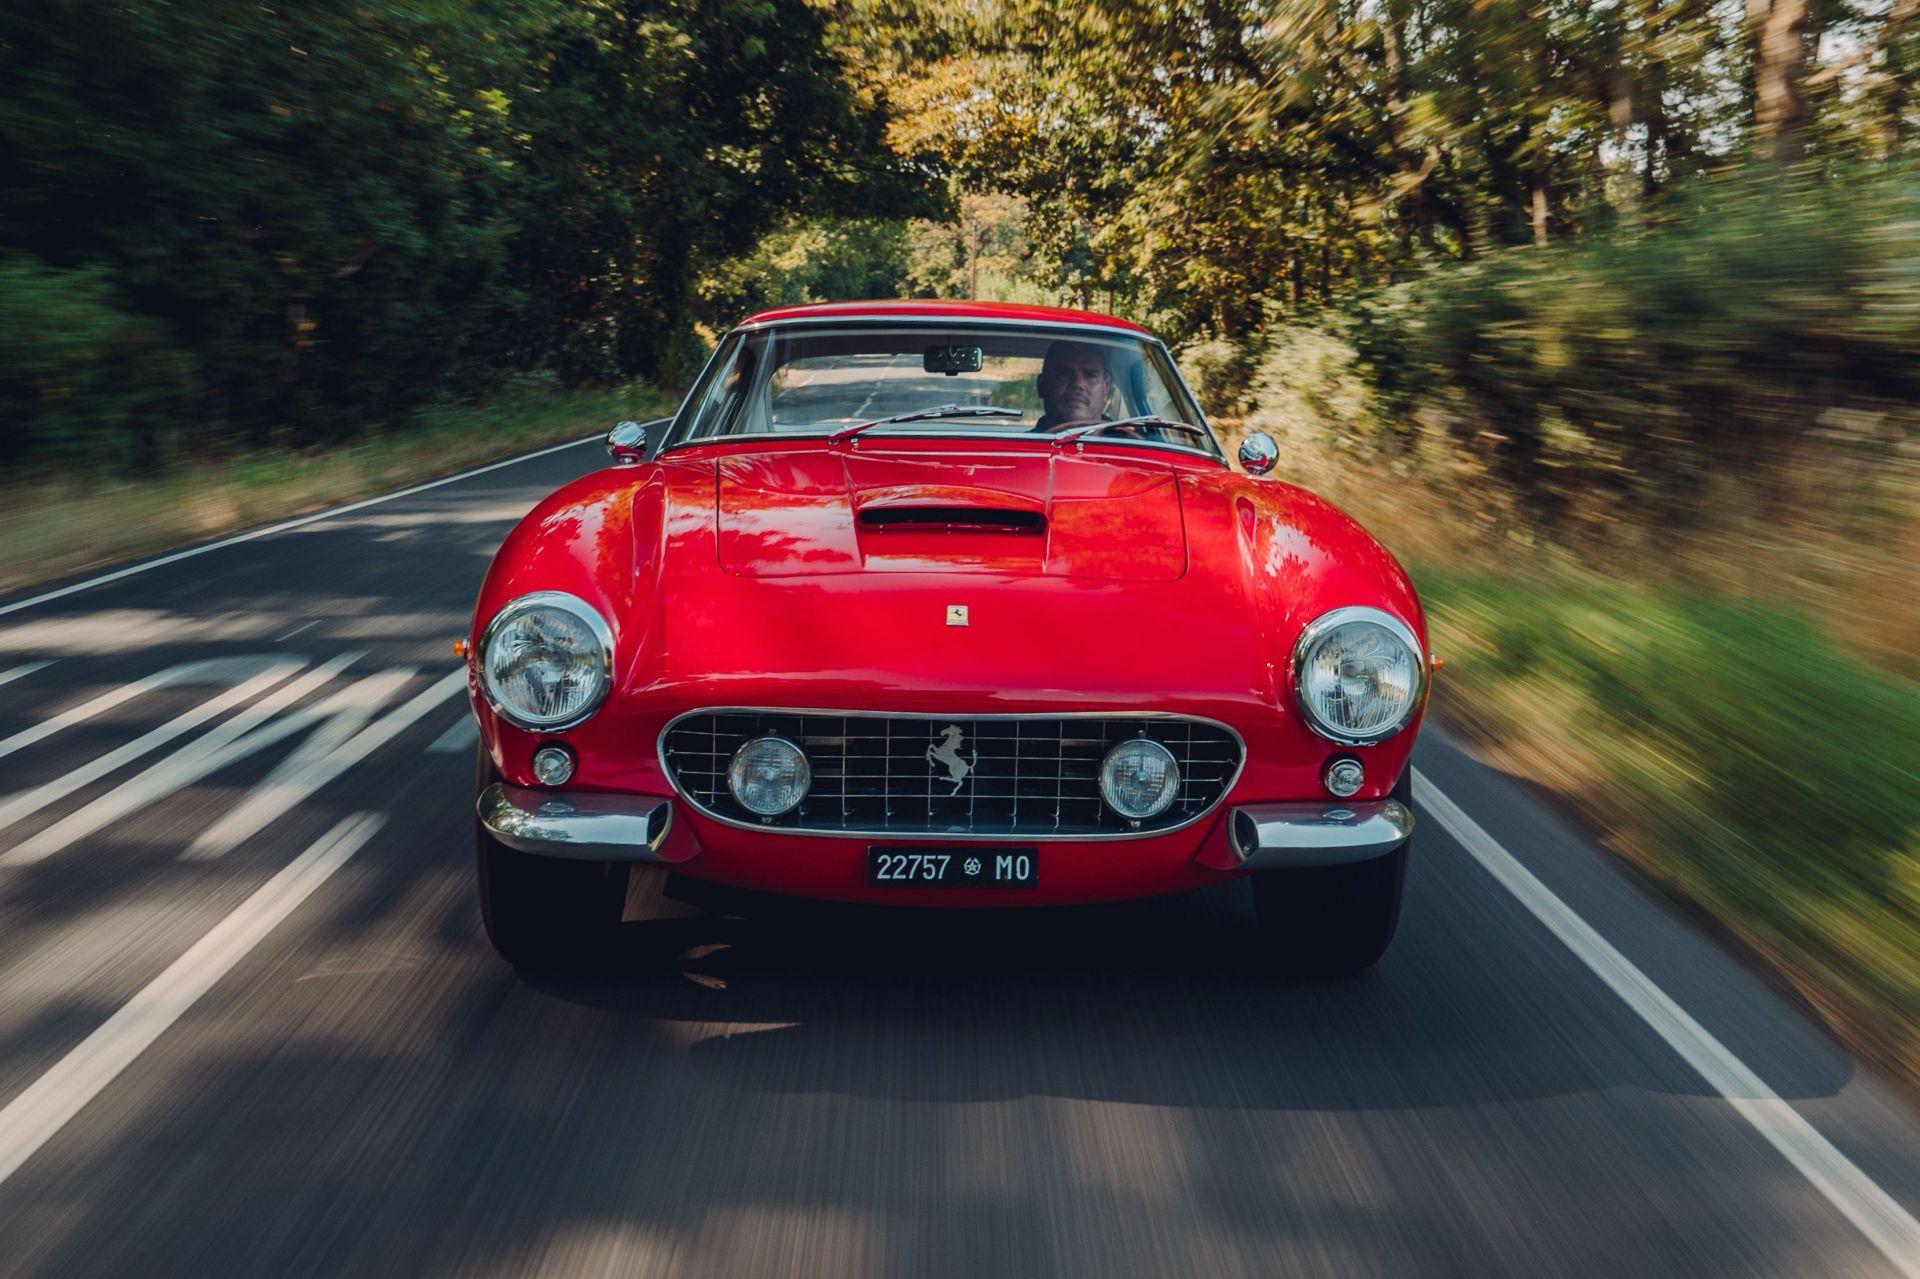 Ferrari-250-GT-SWB-Berlinetta-Competizione-Revival-by-GTO-Engineering-6